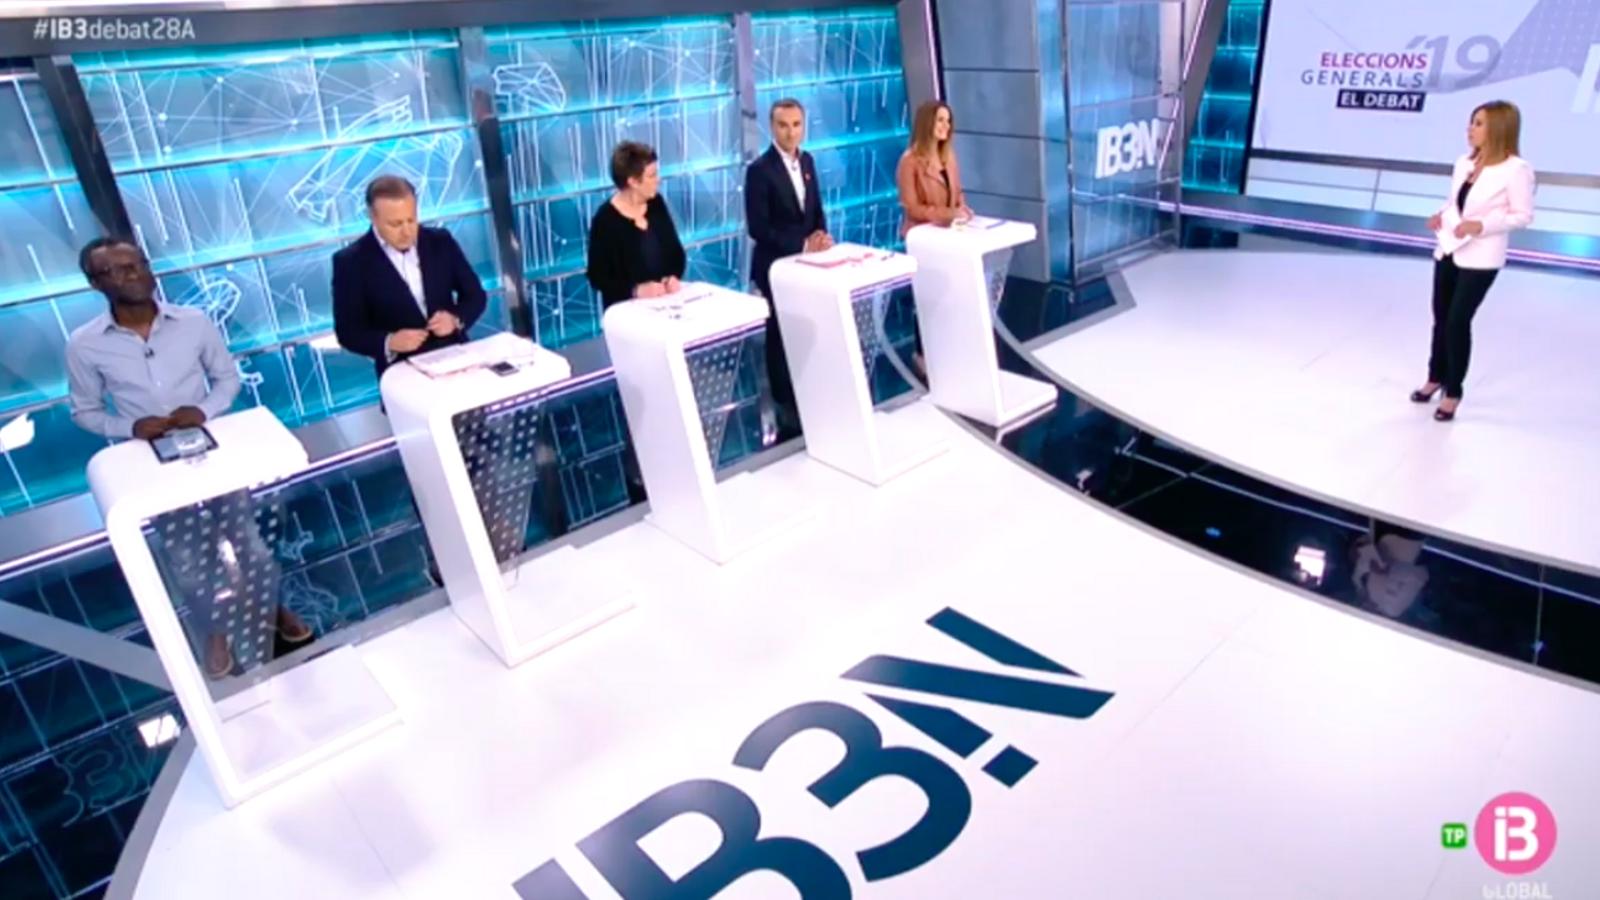 Guillem Balboa (Veus Progressistes), Joan Mesquida (C's), Antònia Jover (Podem), Pere Joan Pons (PSIB) i Marga Prohens (PP) durant el debat.